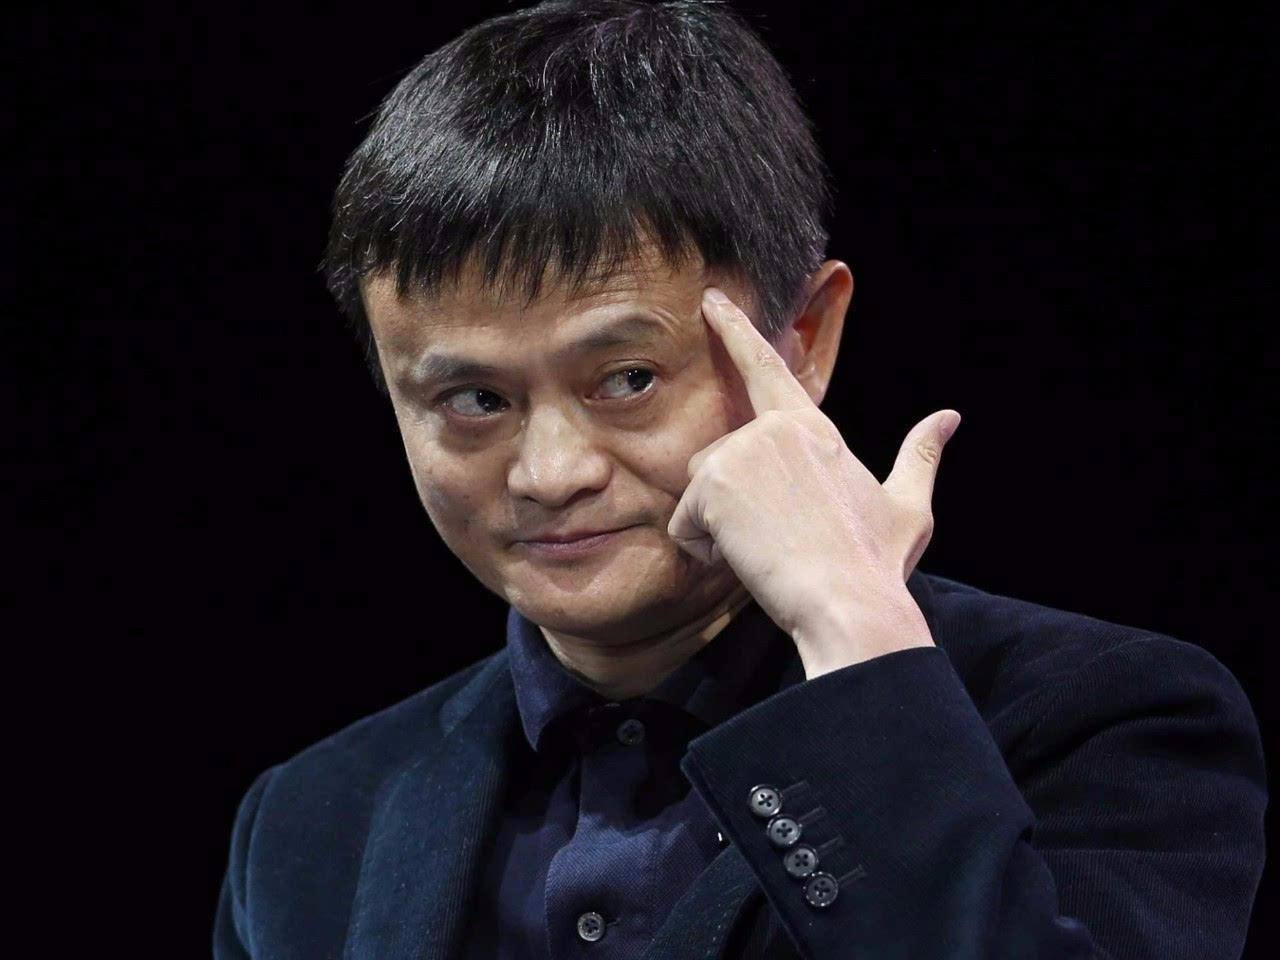 马云获福布斯终身成就奖:我的成就是建立信用体系